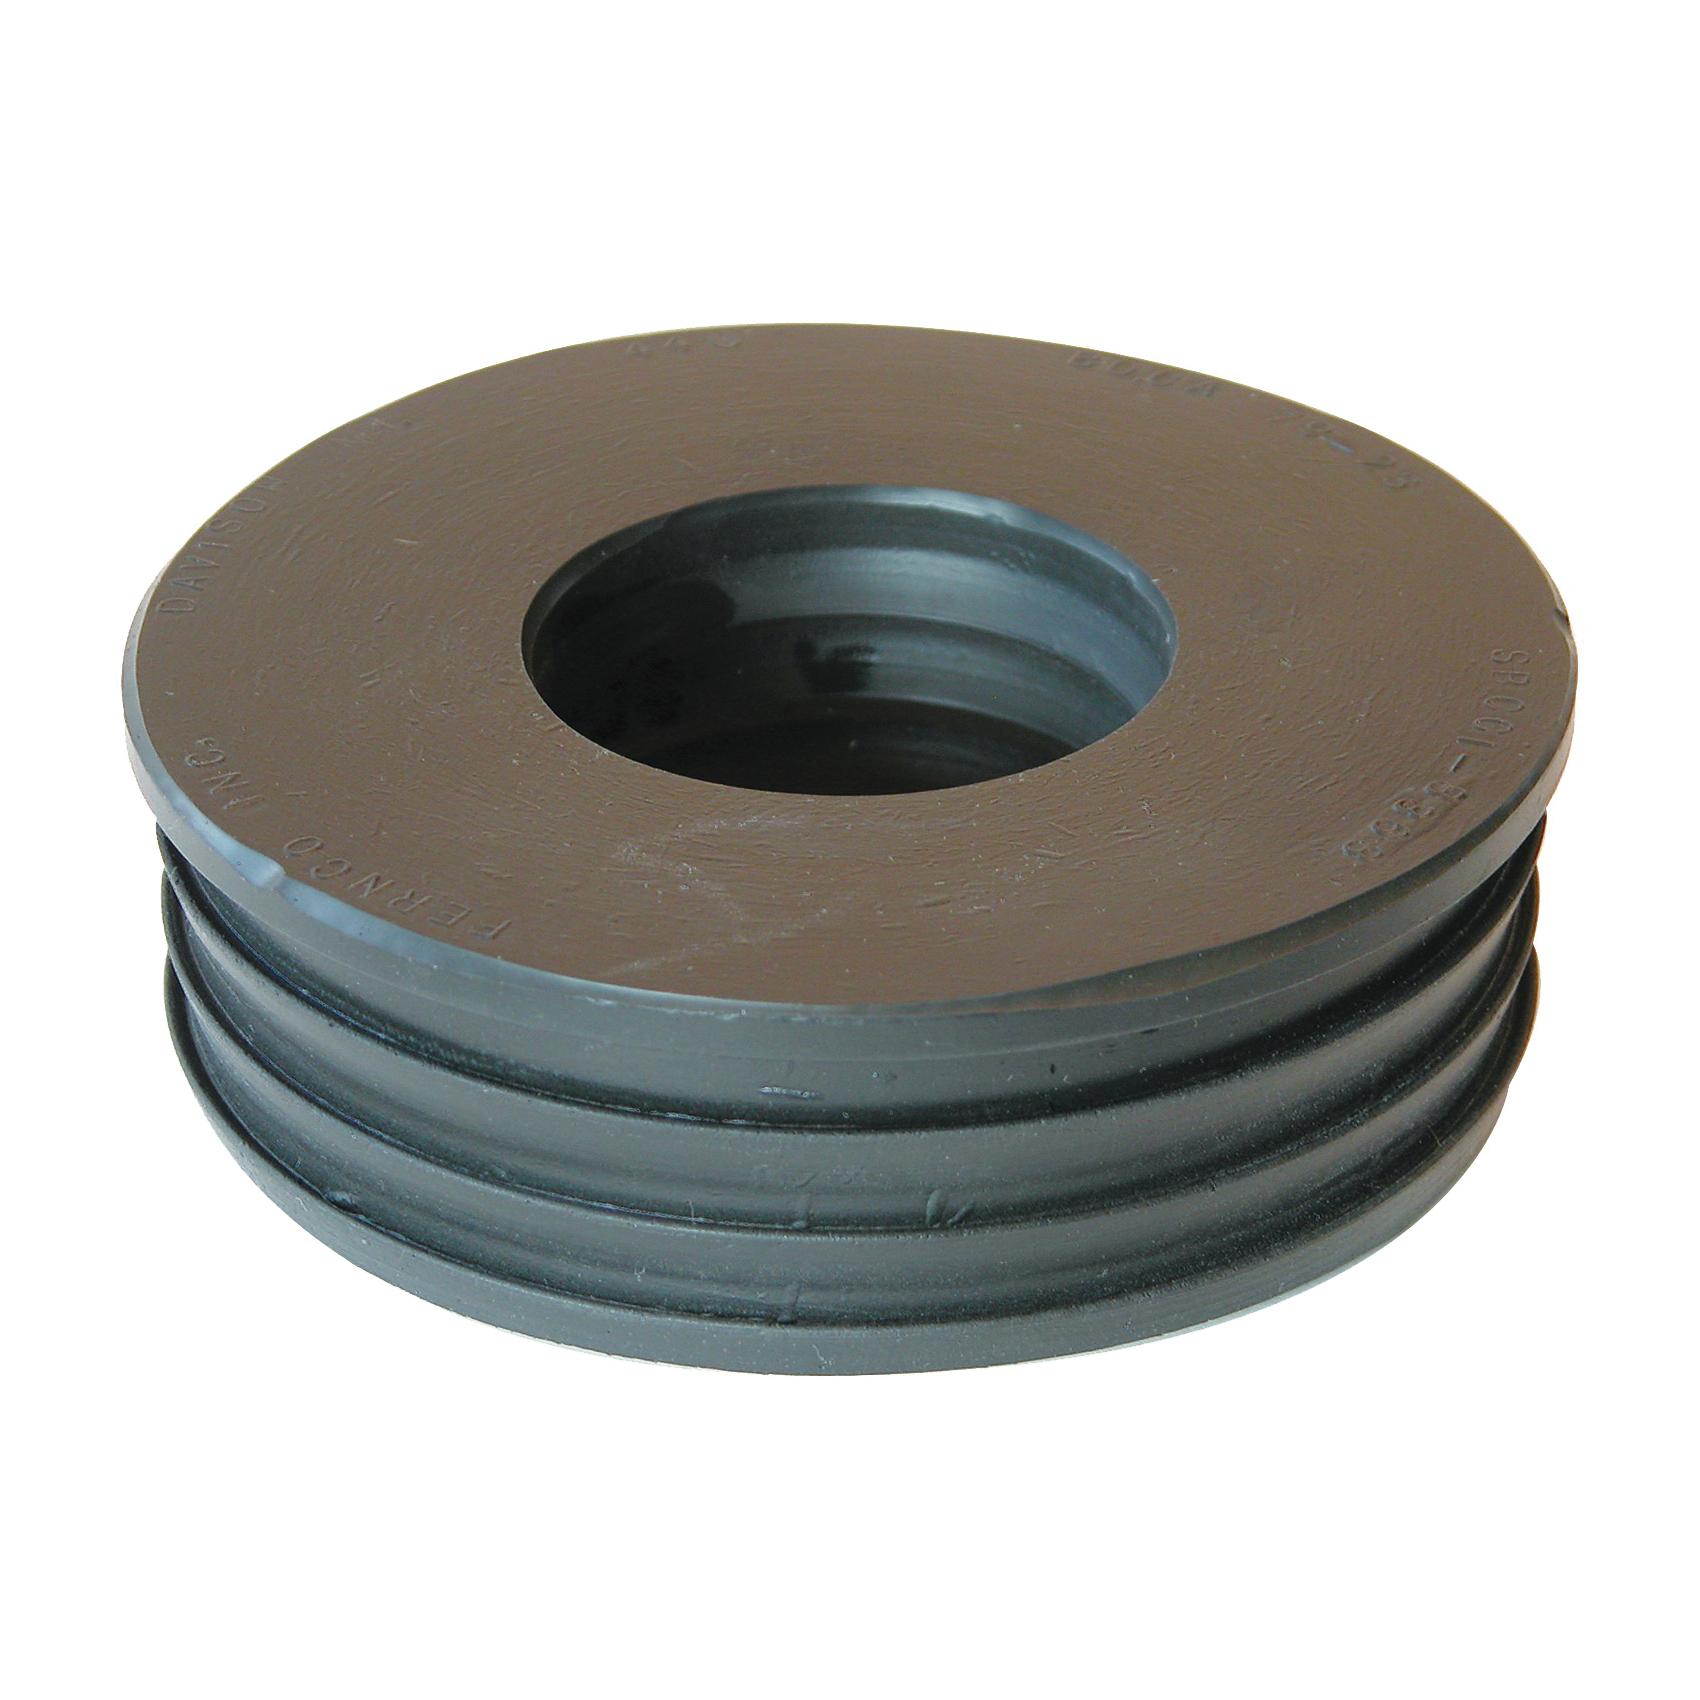 Picture of FERNCO P44U-205 Compression Donut, Flexible, Plastic